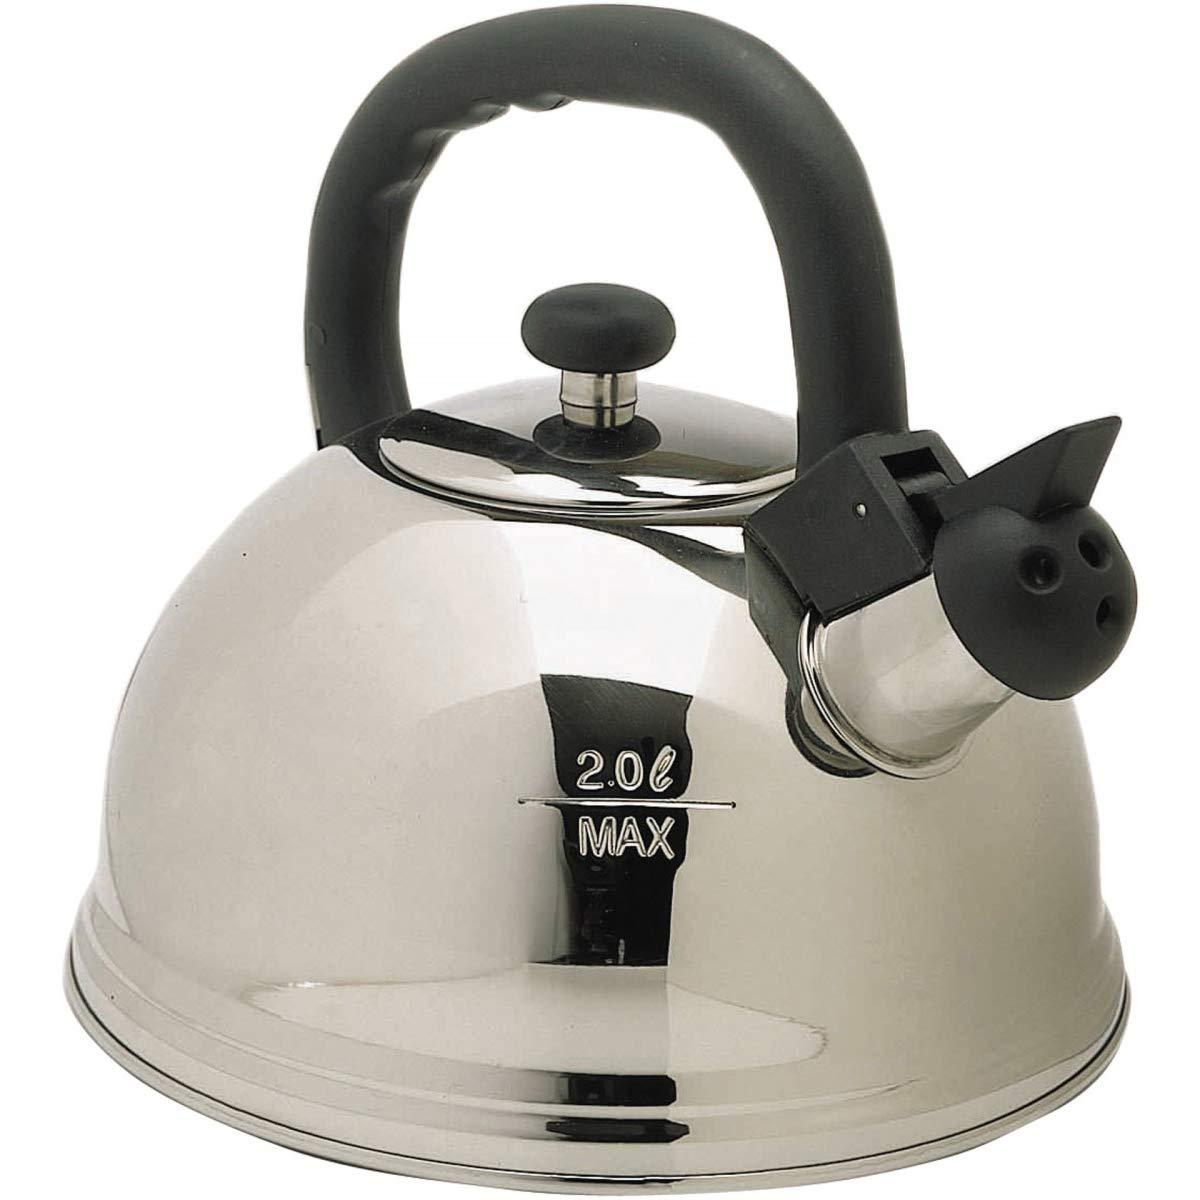 Le'Xpress Bollitore a fischio in acciaio INOX 2 l Kitchen Craft KCKETW2